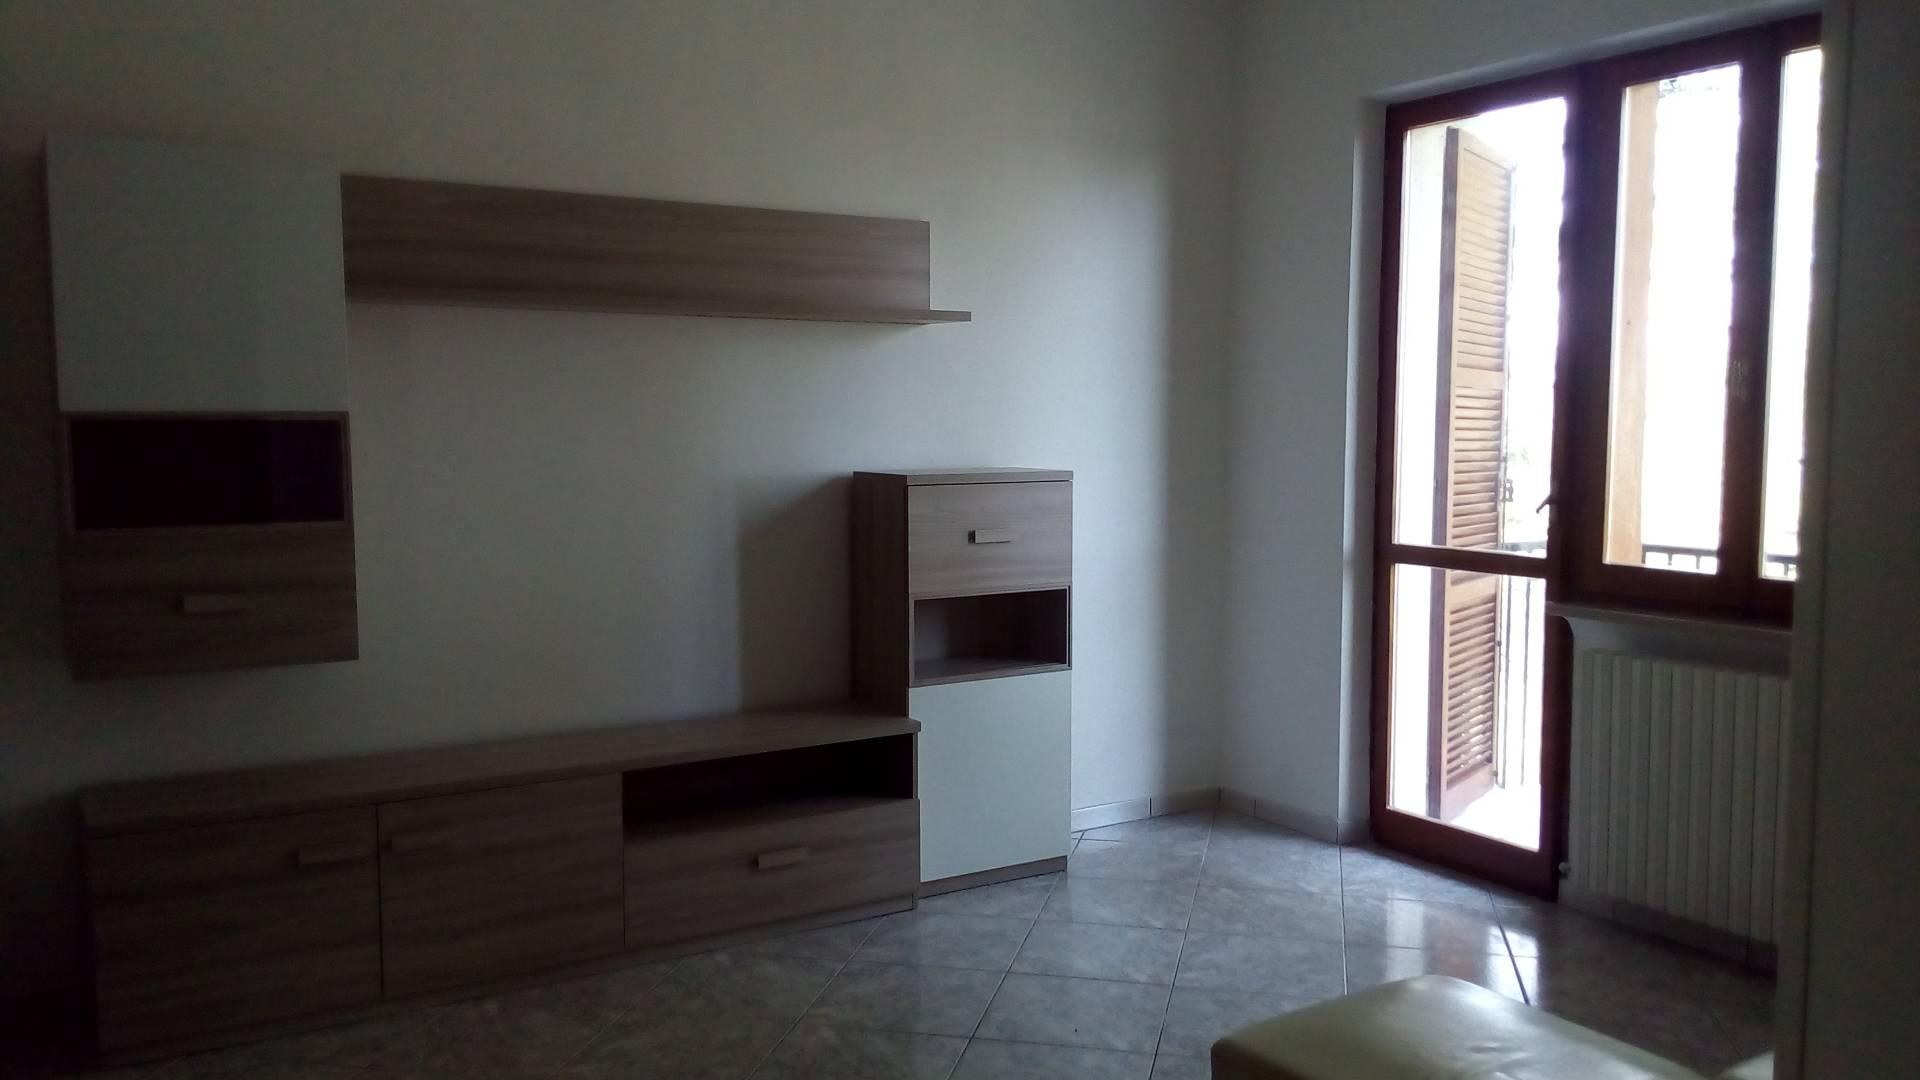 Appartamento in affitto a Ascoli Piceno, 5 locali, zona Località: P.taMaggiore, prezzo € 600 | Cambio Casa.it